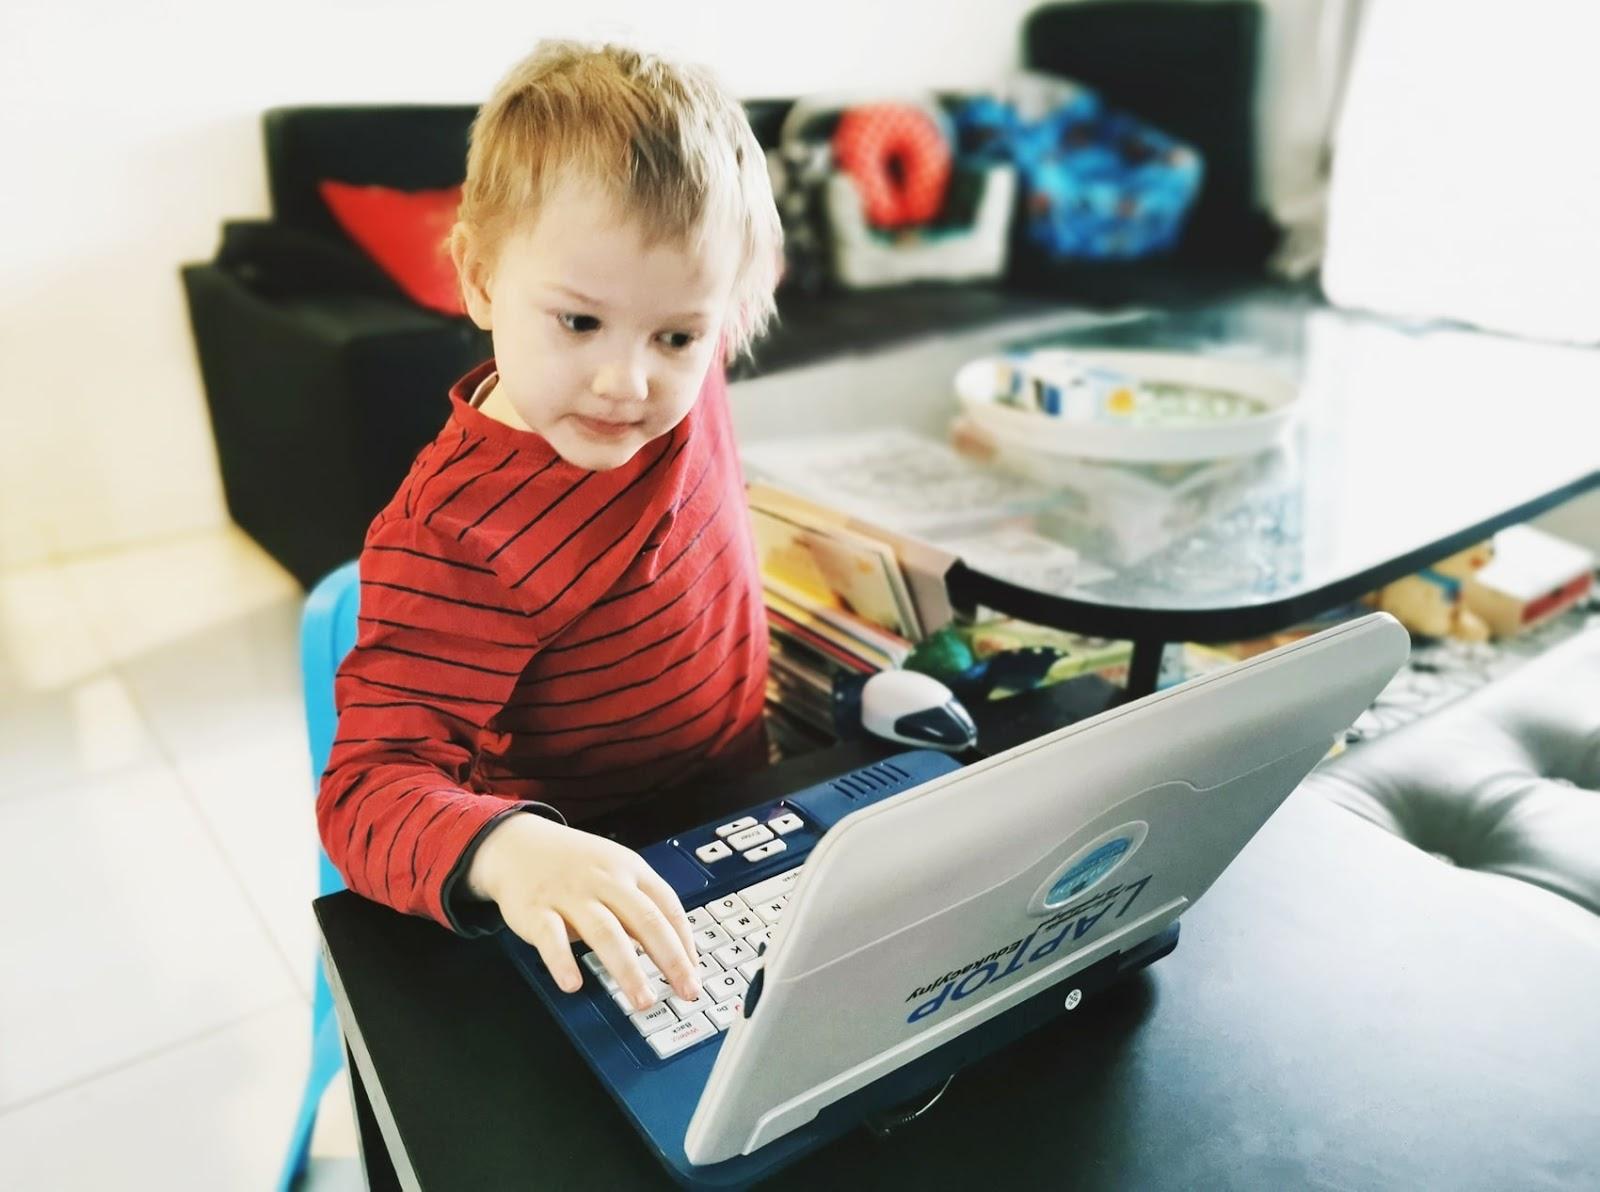 pierwszy-laptop-dla-dziecka